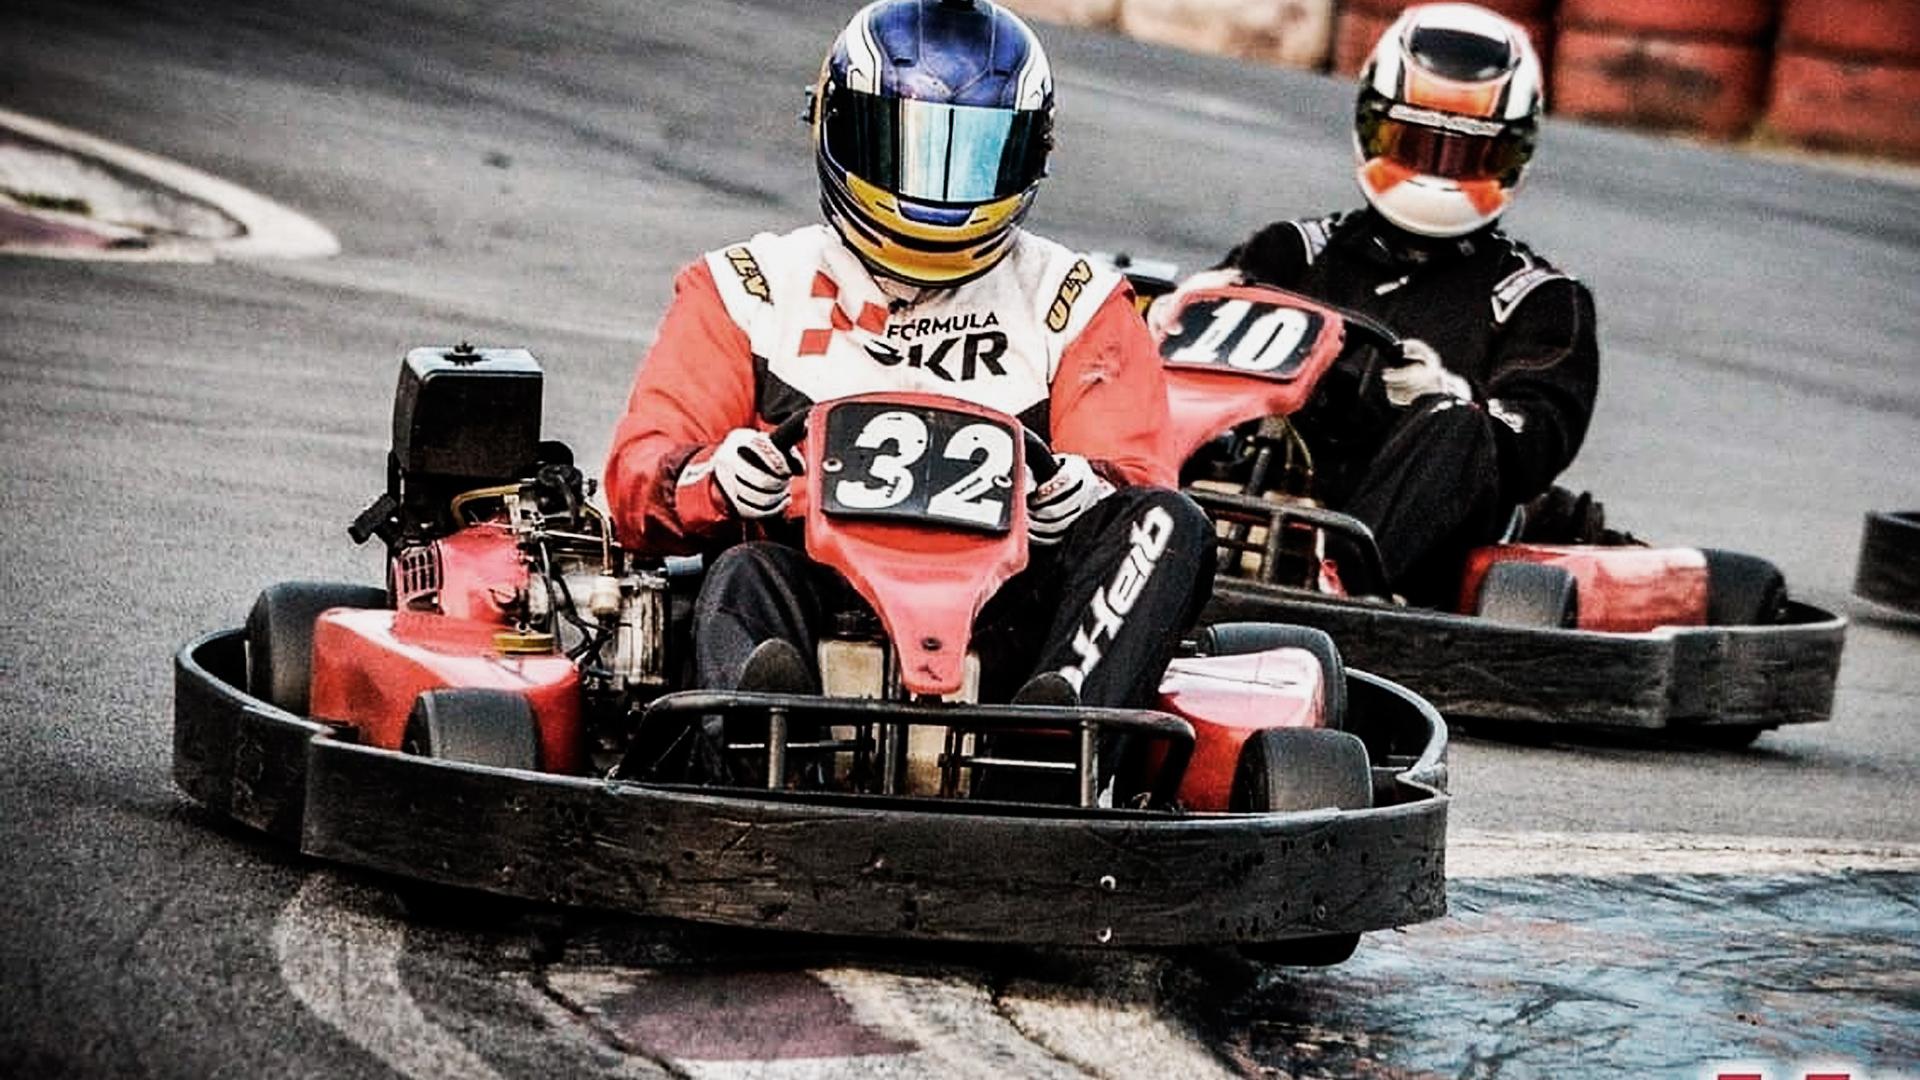 Dois pilotos fazendo uma curva na pista de kartódromo. O piloto da frente está passando em cima da zebra na curva.